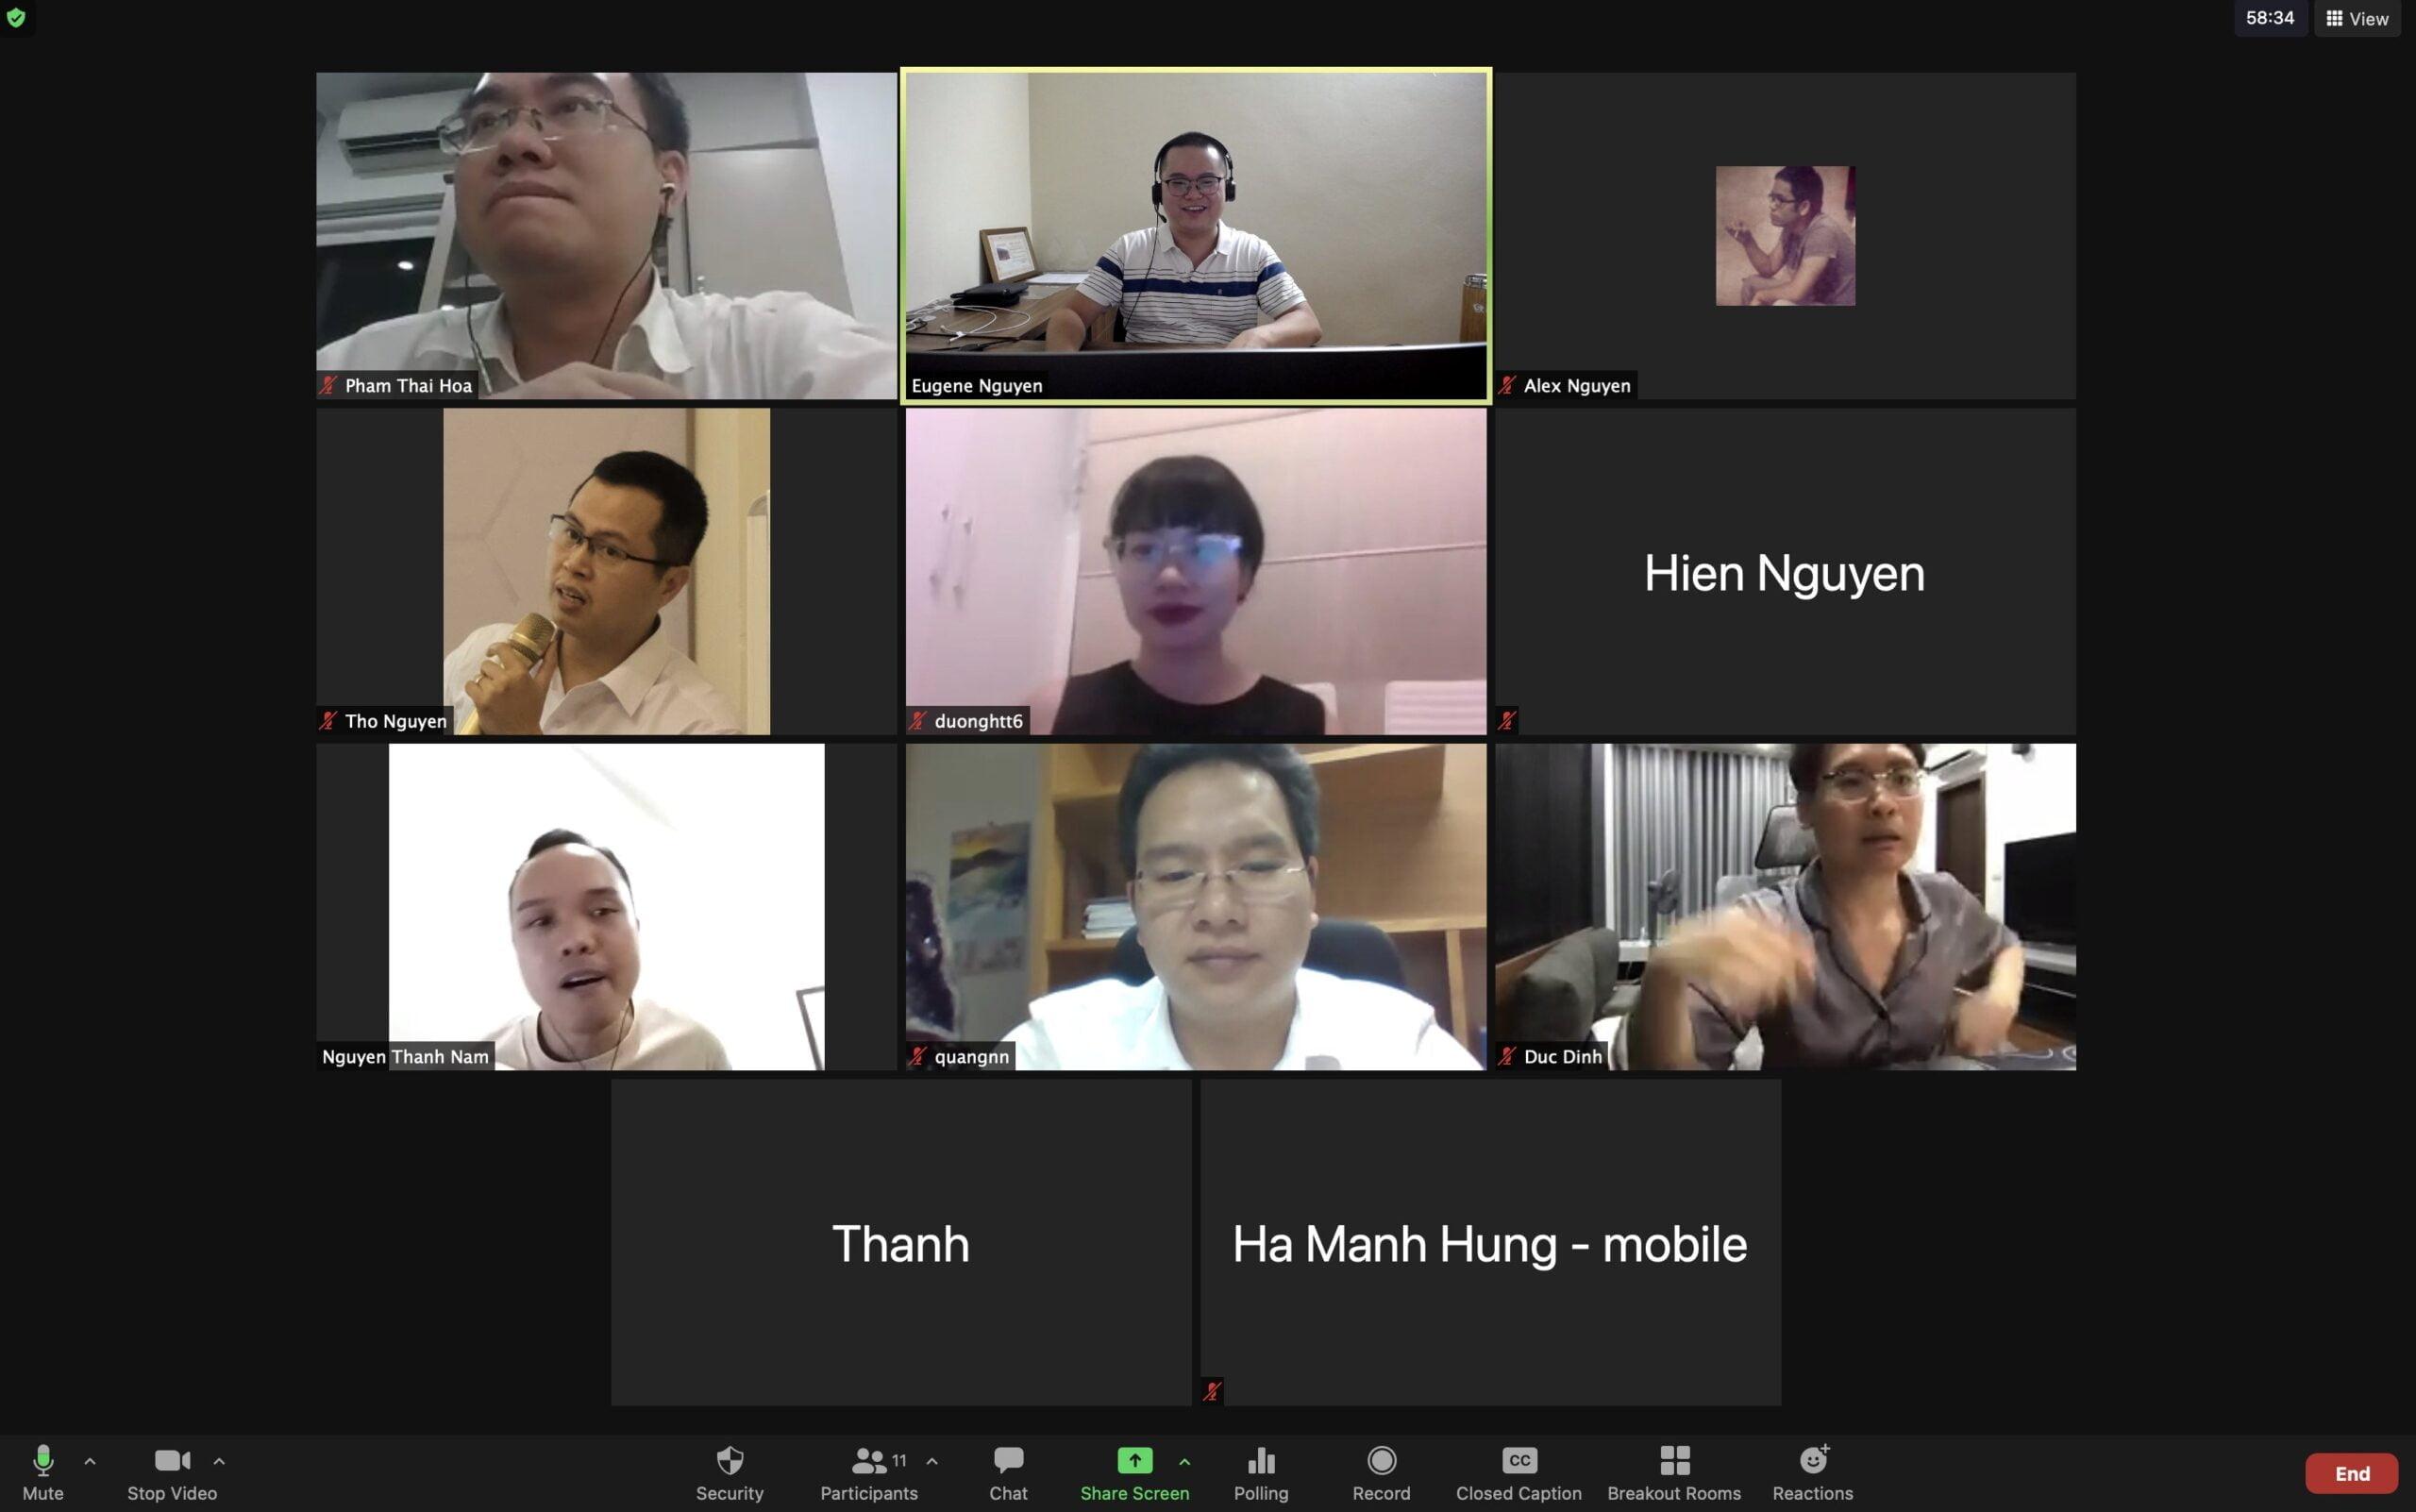 Hình ảnh lớp học Online được chi thành các nhóm nhỏ để thảo luận tại PMA